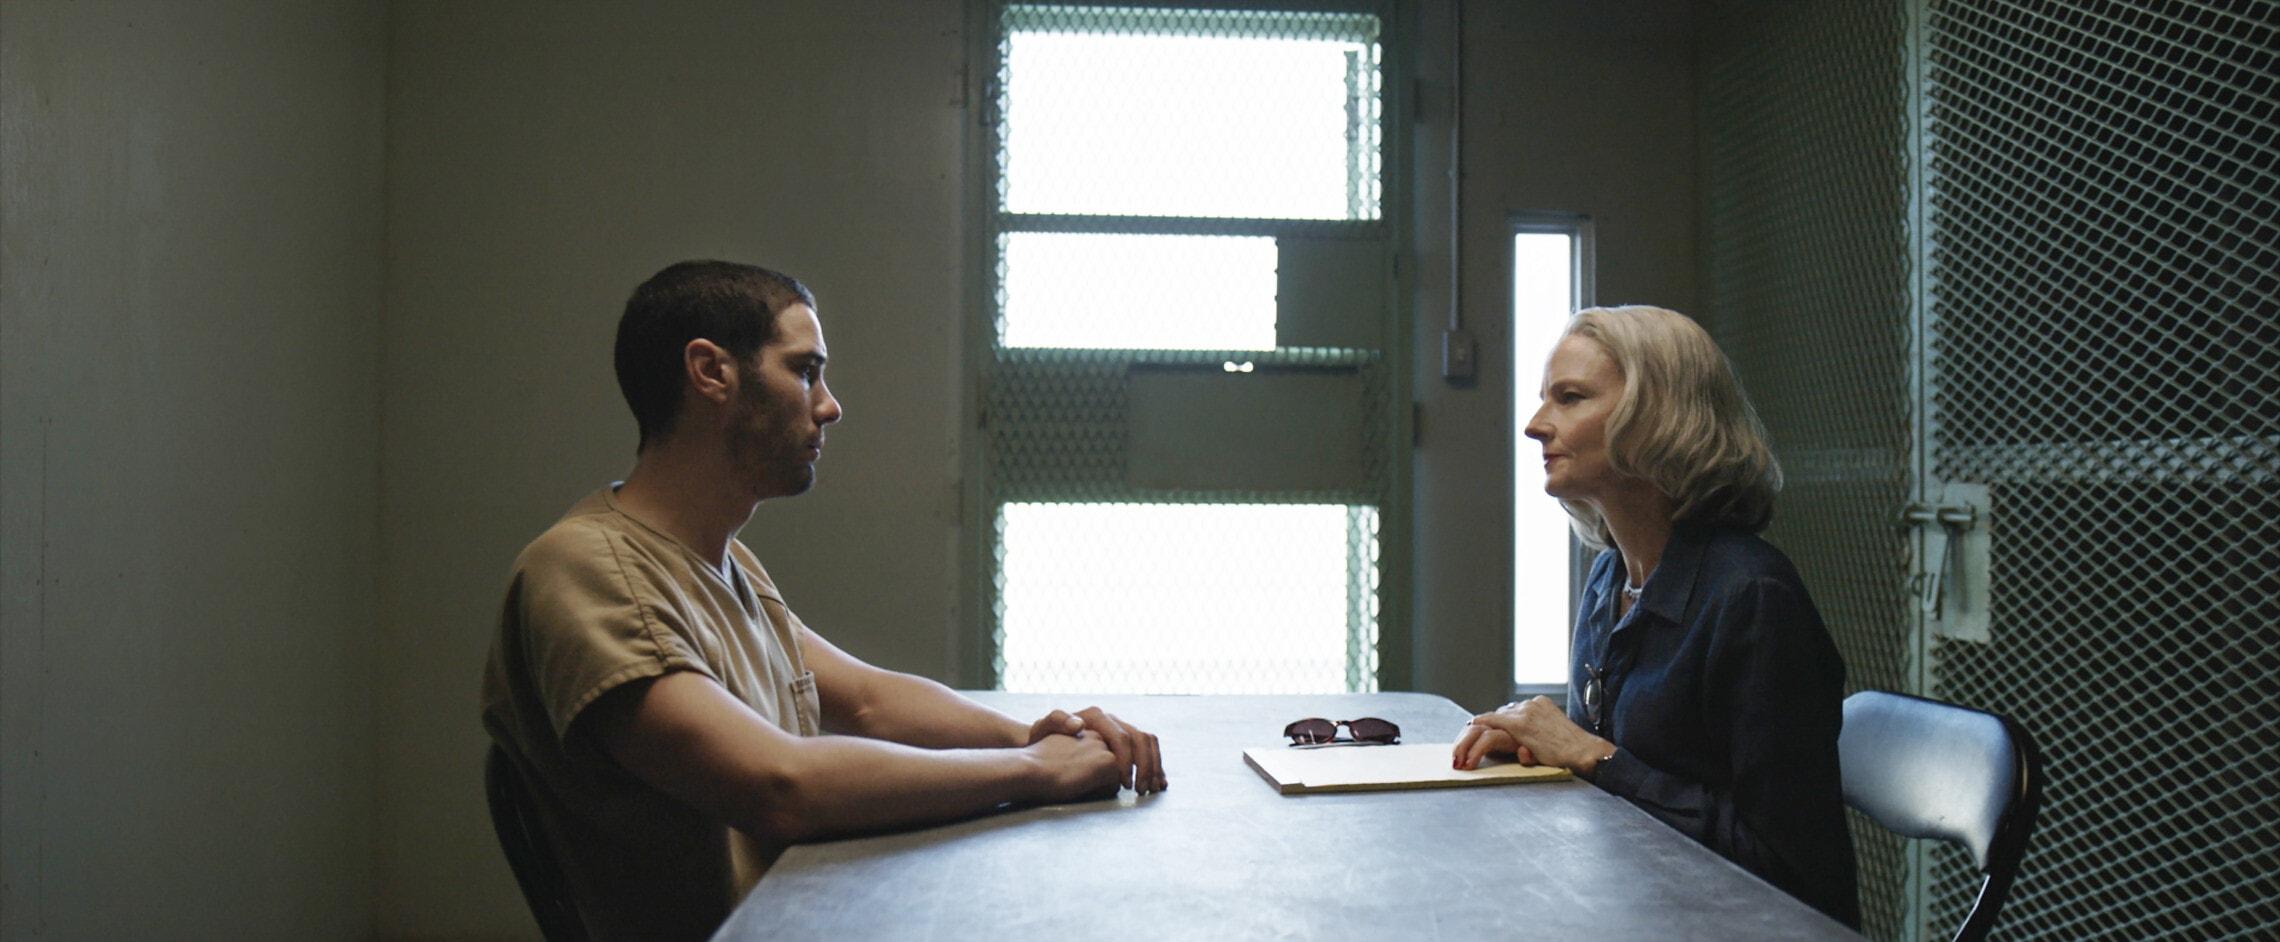 """ג'ודי פוסטר טאהר רחים בסרט """"המאוריטני"""" (צילום: STXfilms)"""